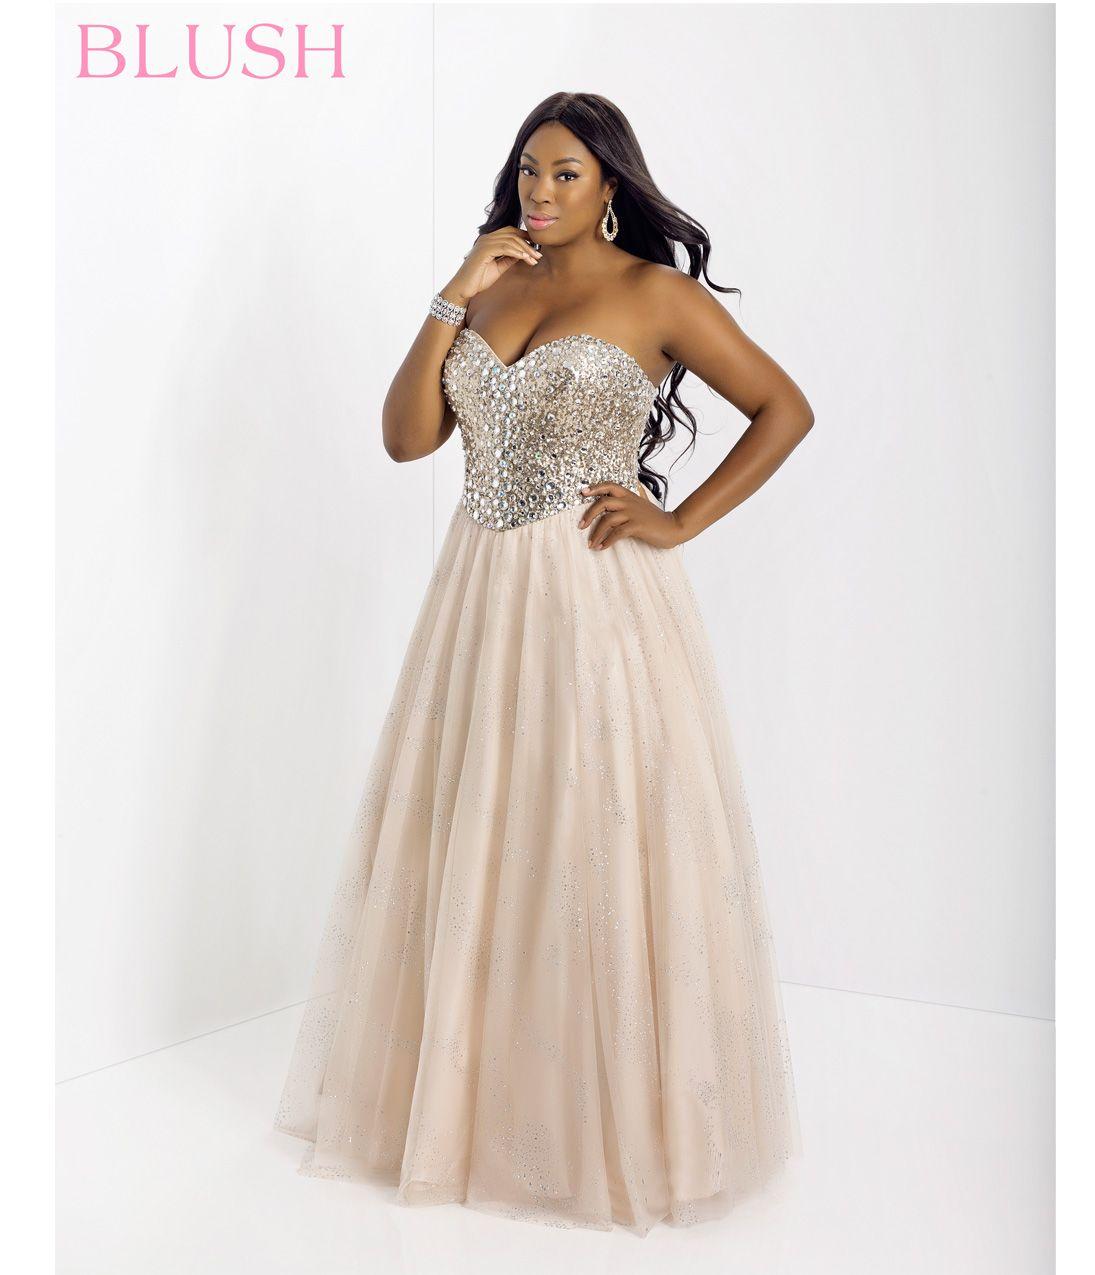 Blush Plus Size Prom Dresses